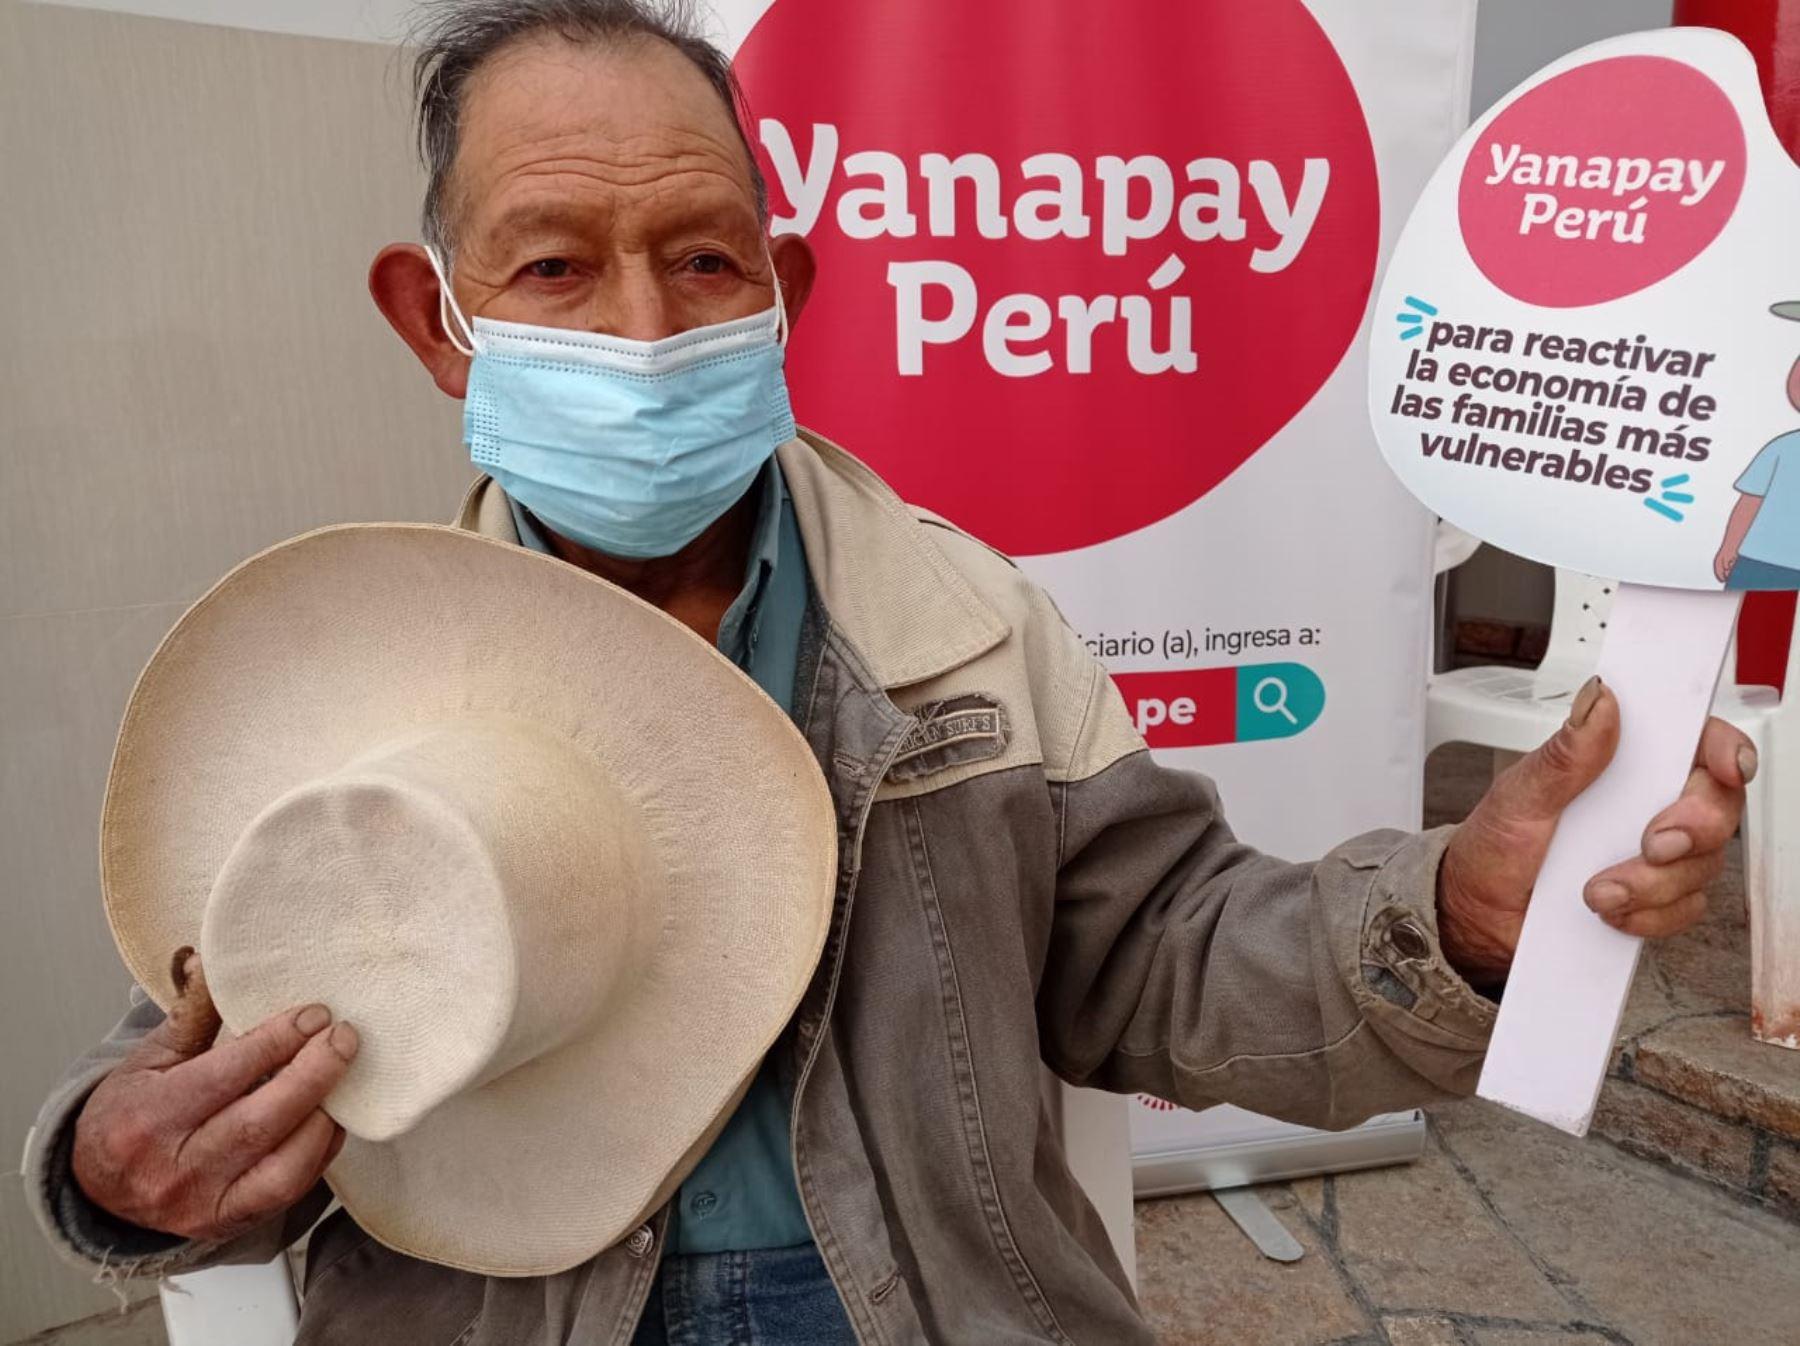 Más de 860,000 personas cobrarán el bono Yanapay Perú en la región Cajamarca, informó el programa Pensión 65. ANDINA/Difusión